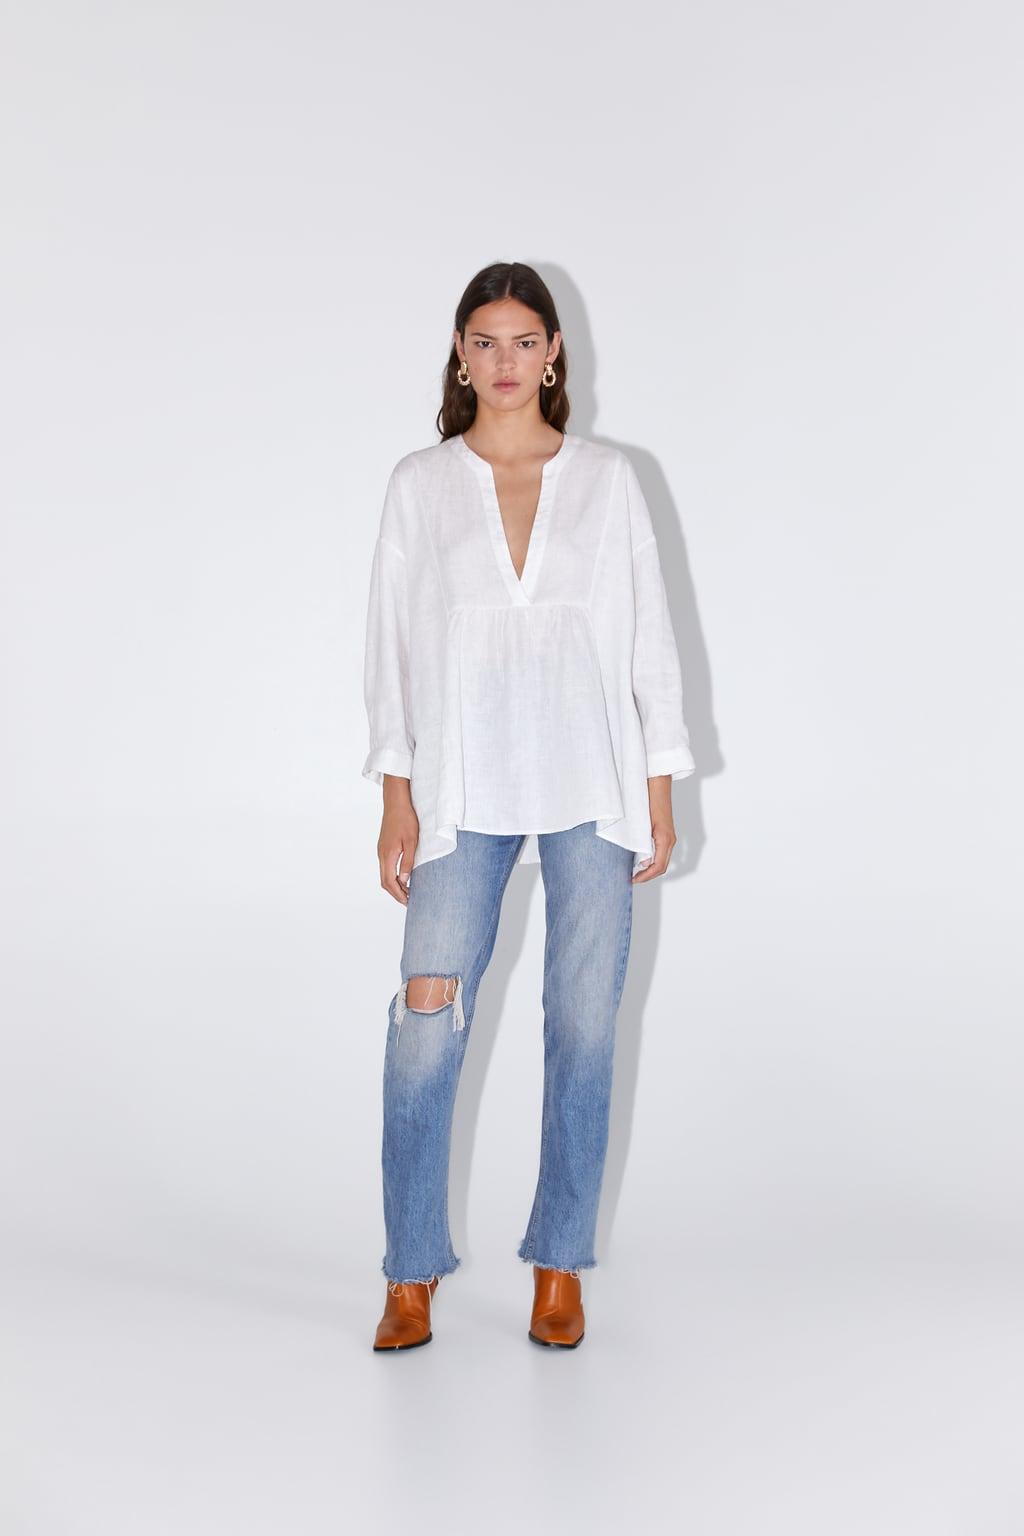 Zara Oversized Linen Blouse £29.99